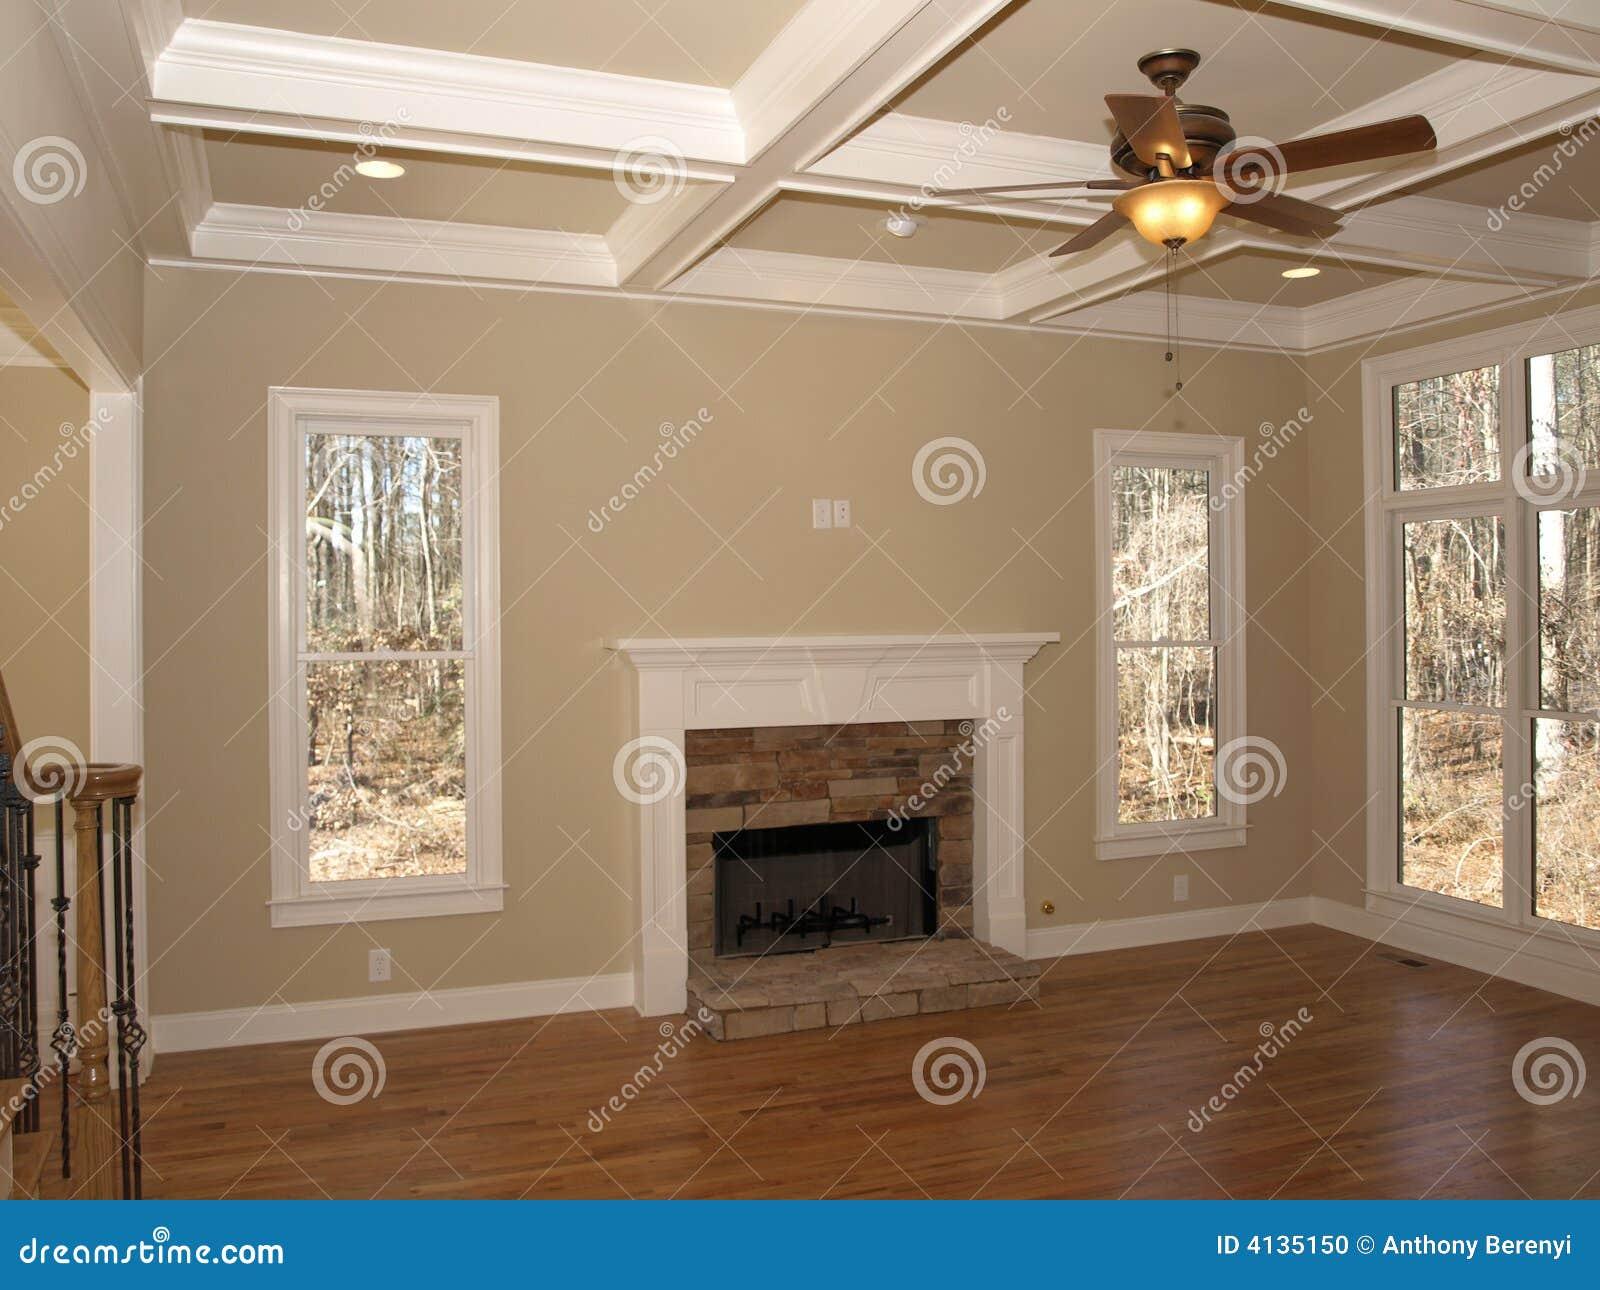 Luxury Living Room Luxury Living Room Empty Stock Photo Image 4135150